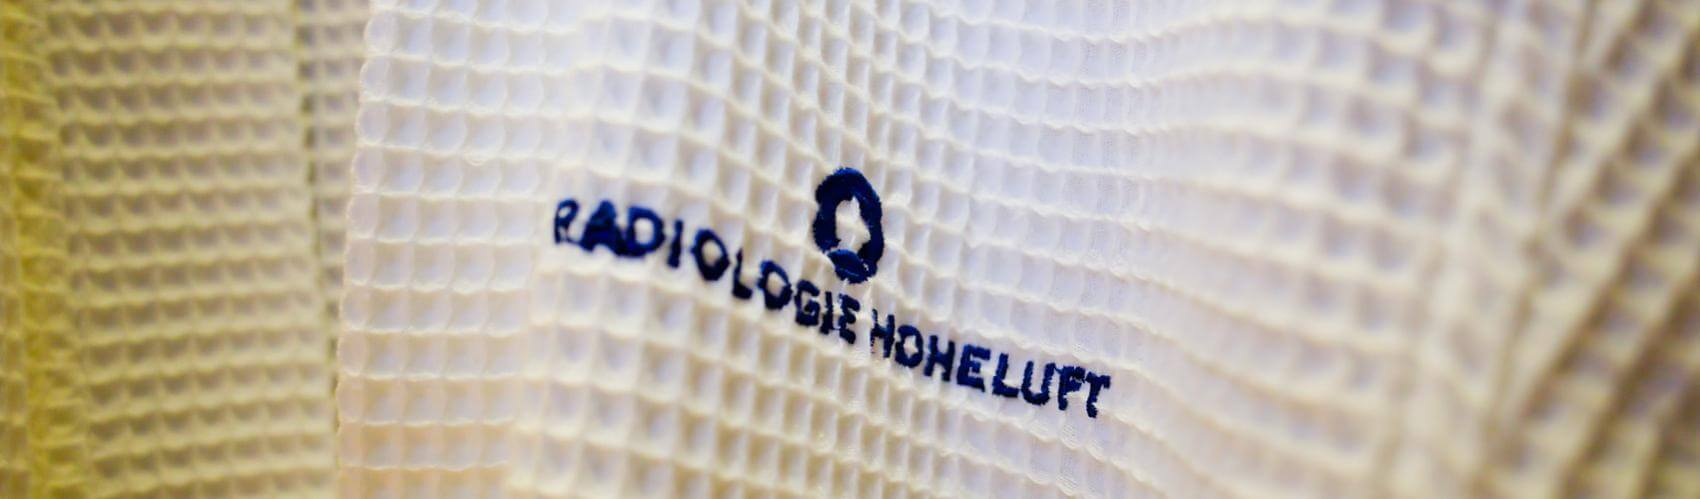 Radiologie Hoheluft Roentgen